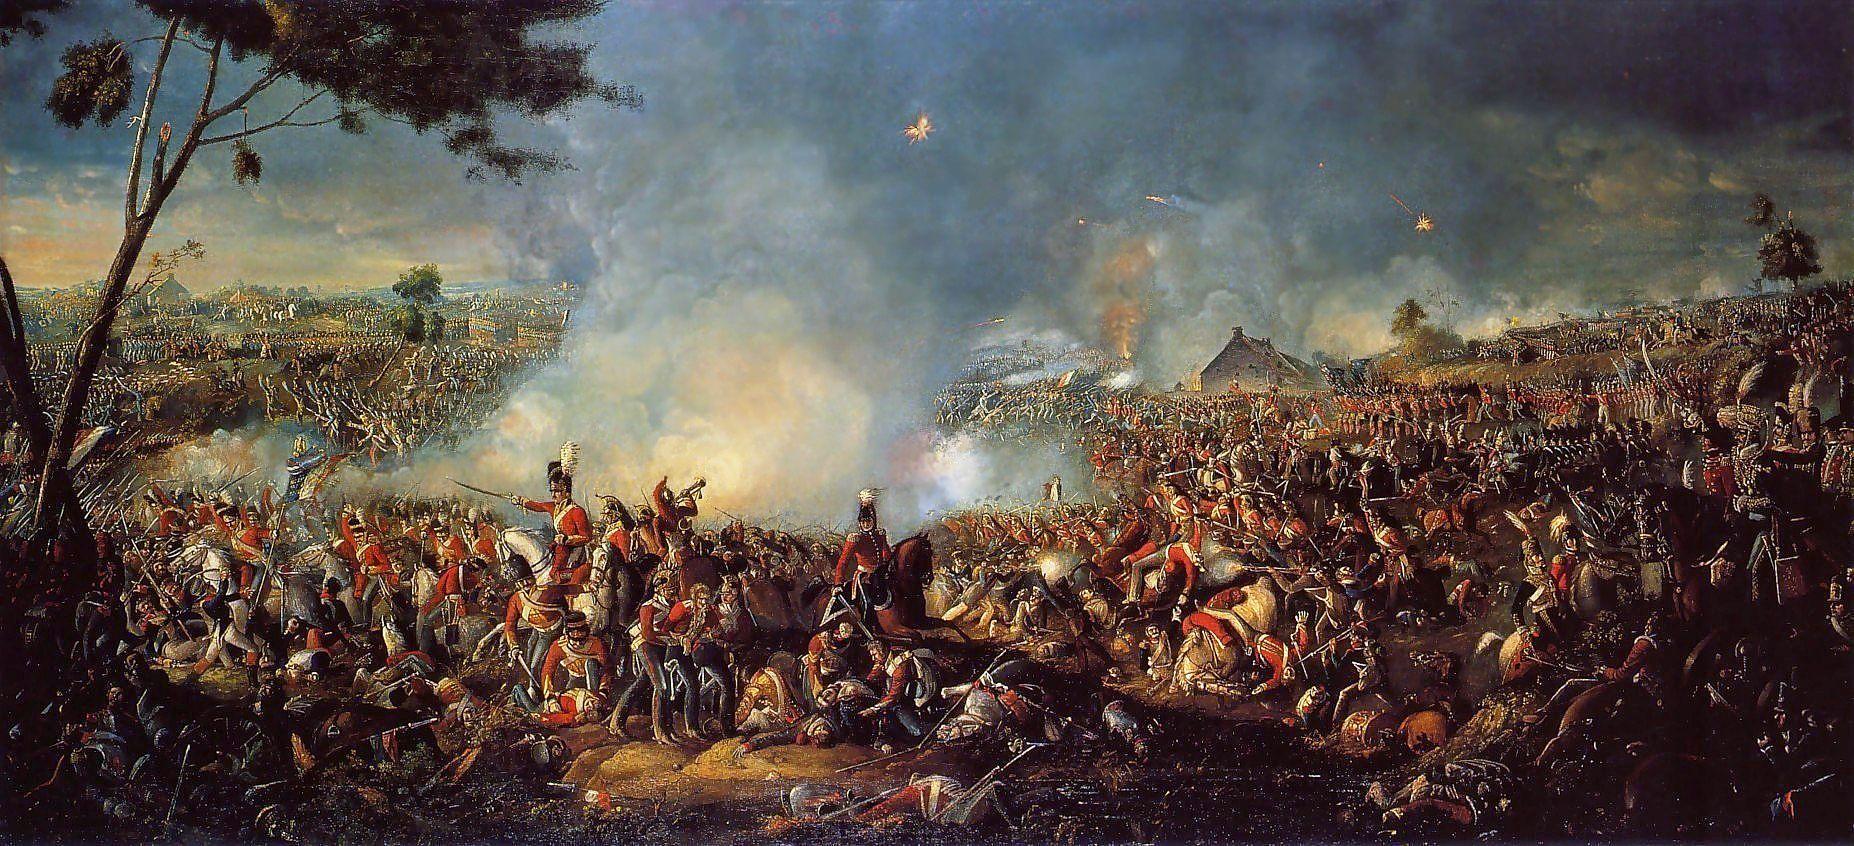 3791 - Batallas históricas. ¿Cuánto sabes de ellas?